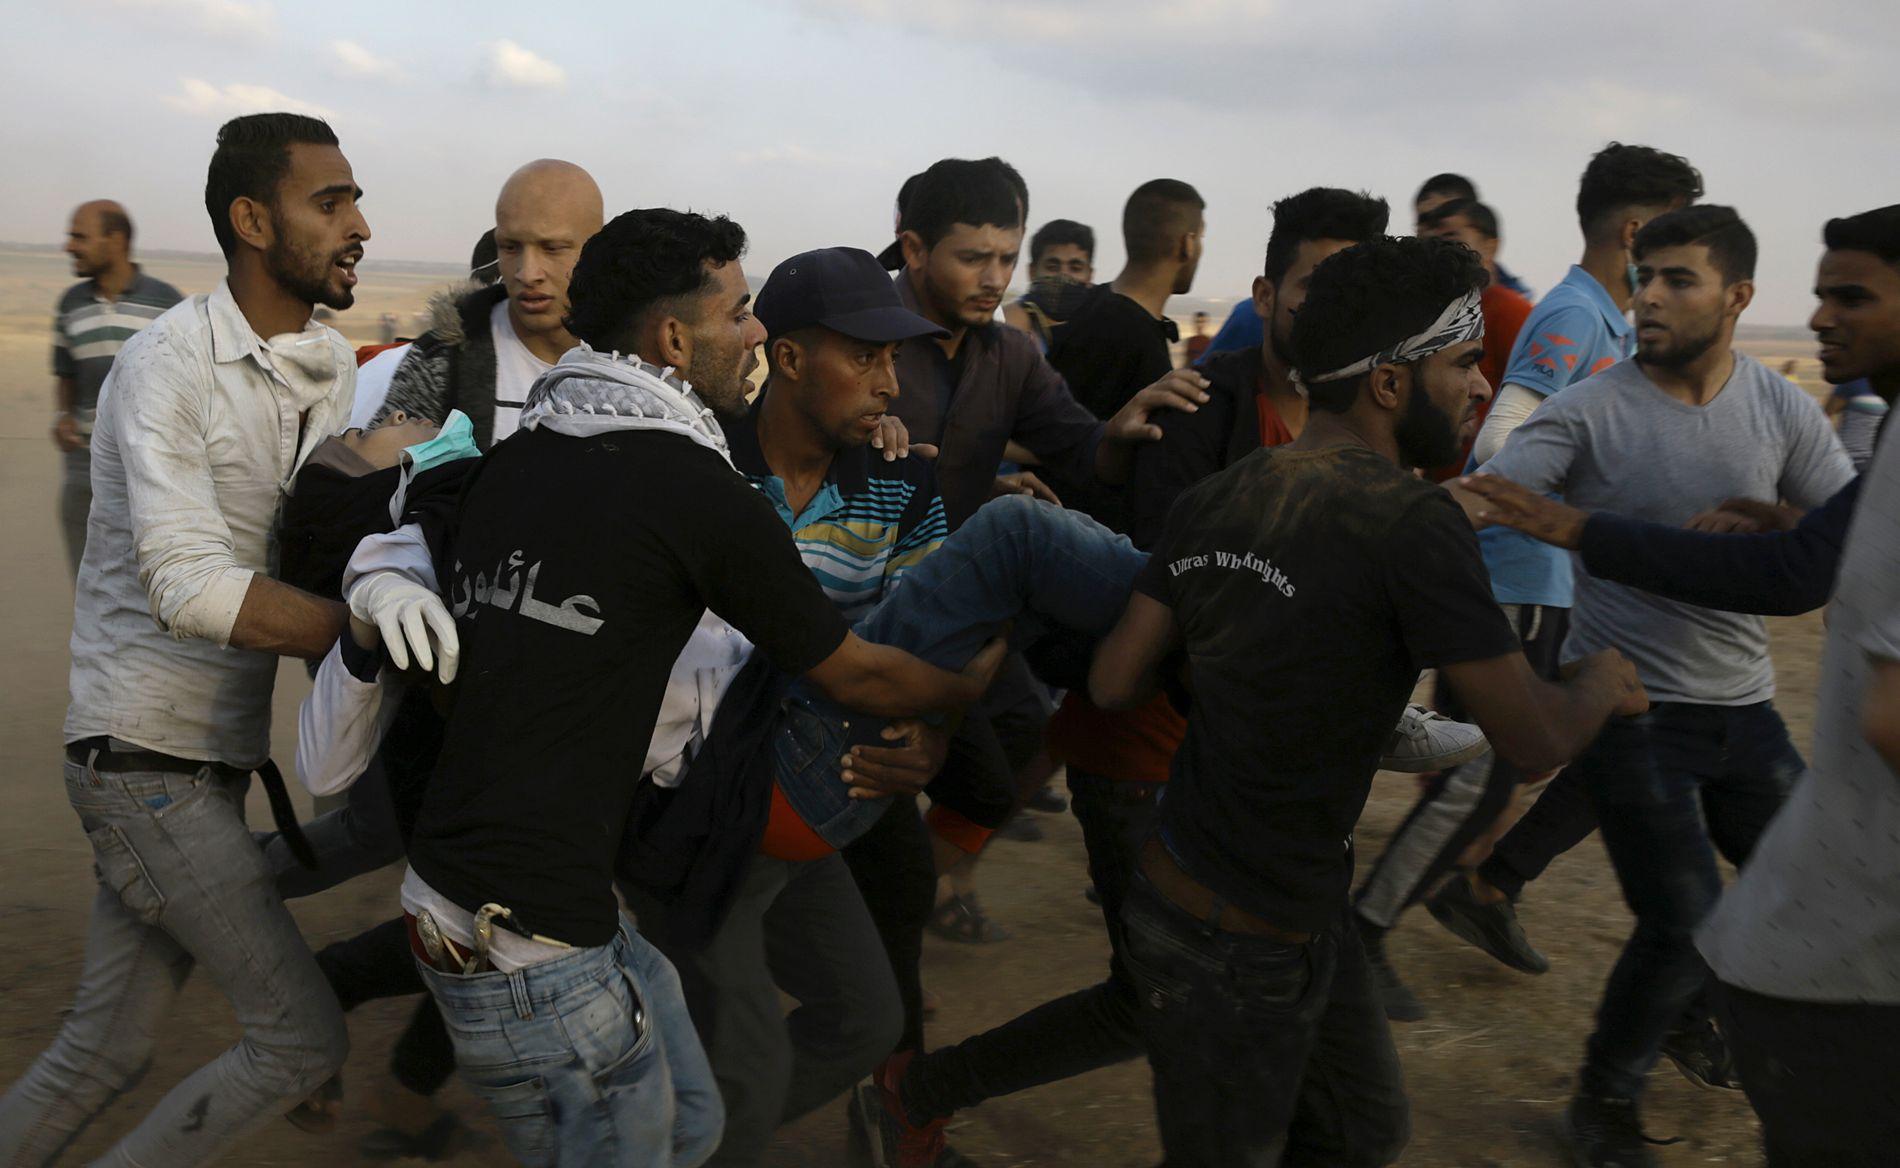 DØDE PÅ SYKEHUSET: Demonstranter bærer den 21 år gamle helsearbeideren Razan Najjar. Hun døde på sykehus etter å ha blitt skutt i brystet av israelske soldater ved Khan Younis fredag kveld, ifølge helsedepartementet på Gazastripen.